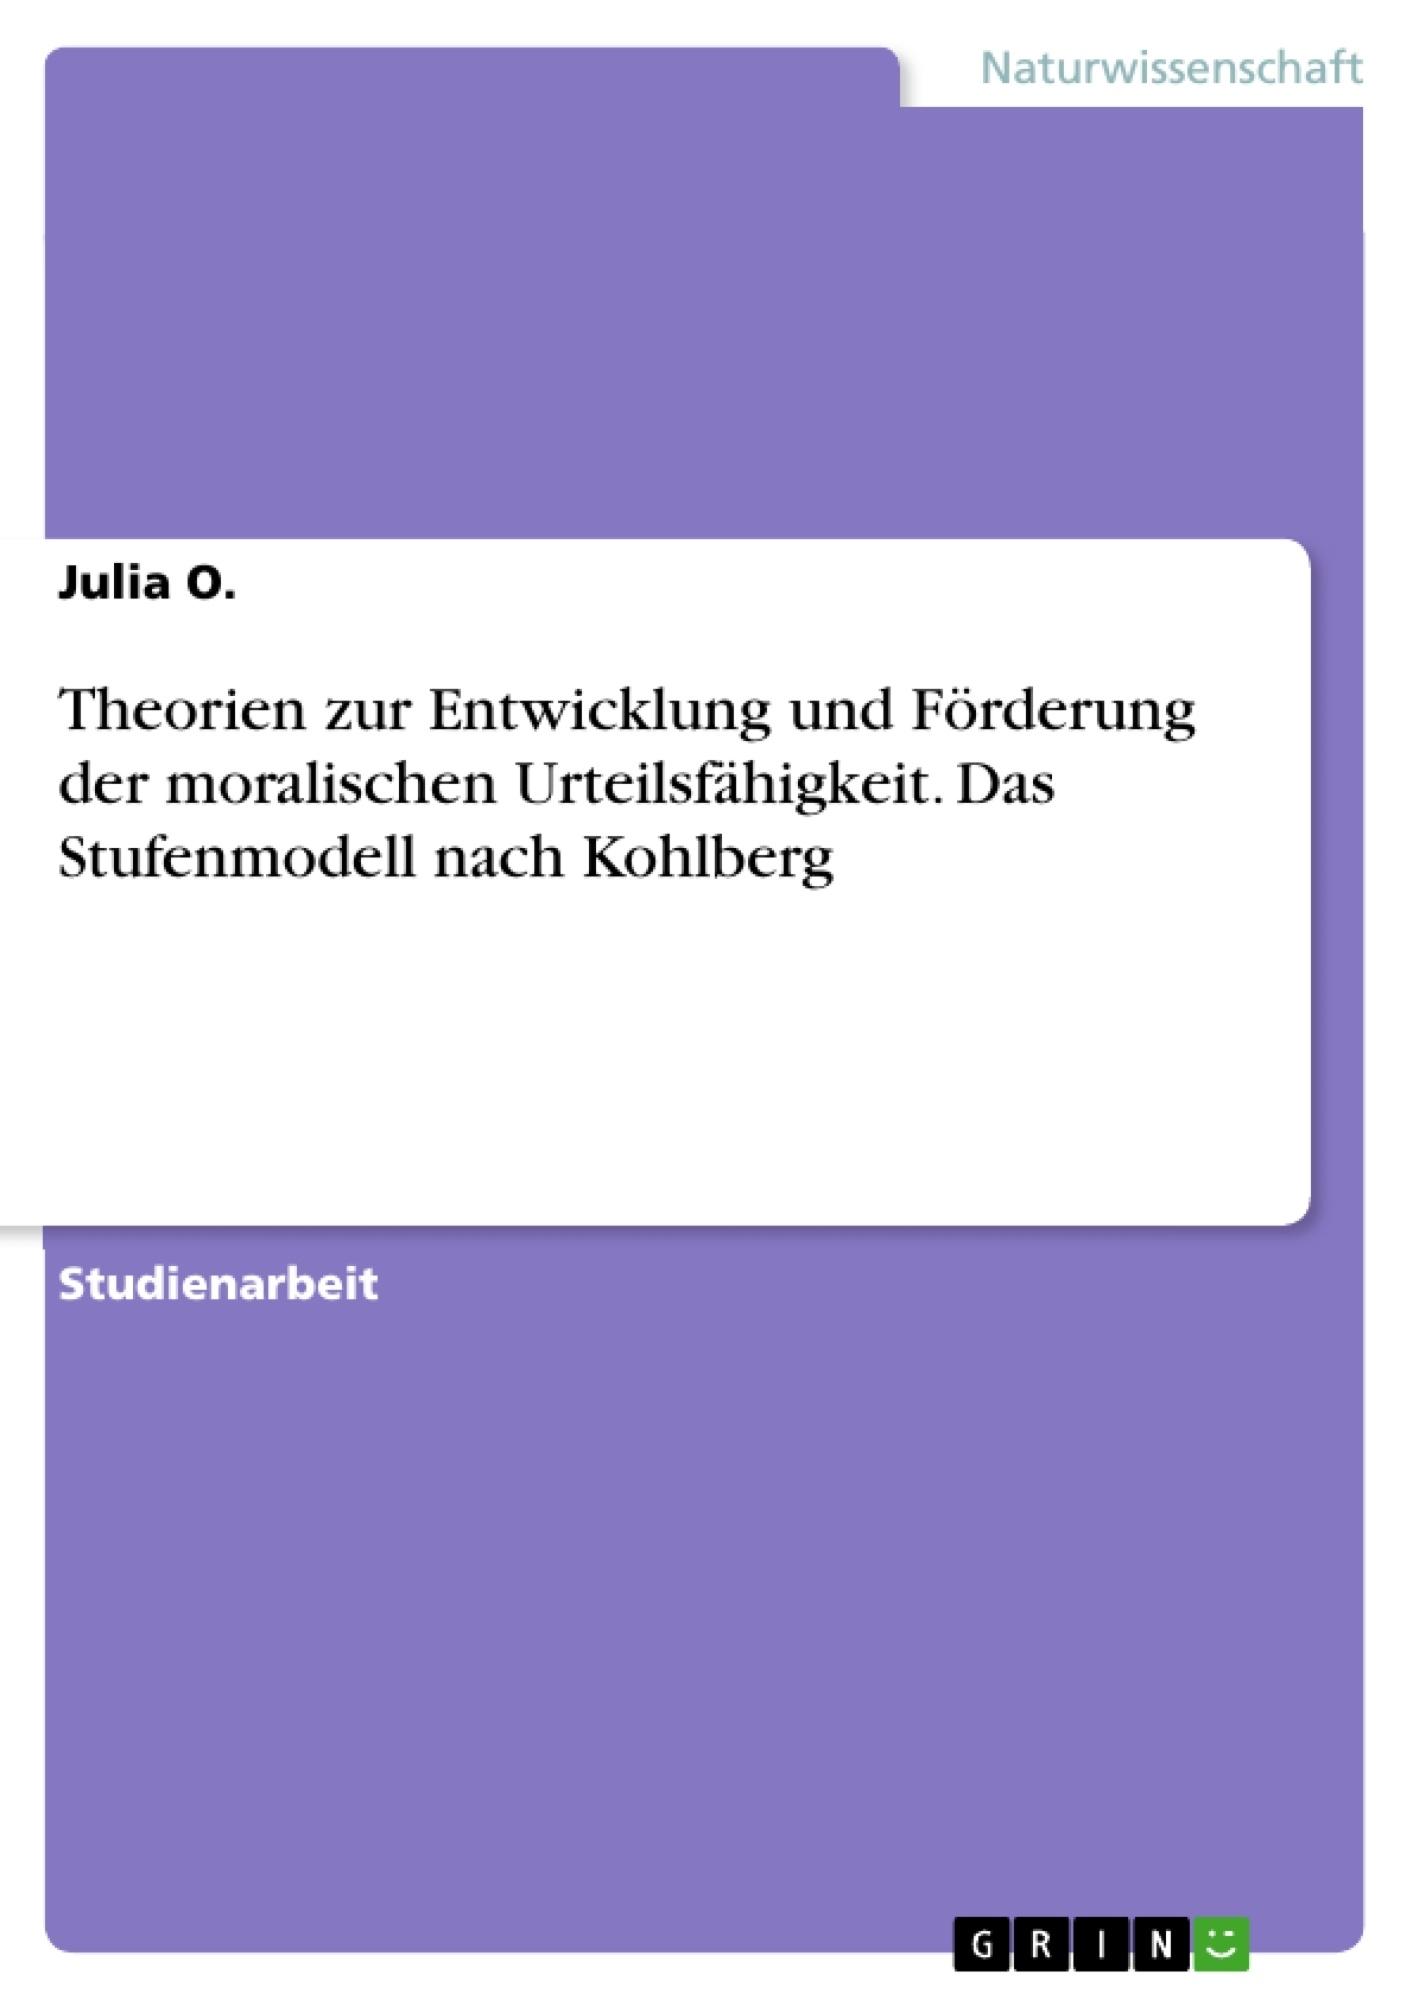 Titel: Theorien zur Entwicklung und Förderung der moralischen Urteilsfähigkeit. Das Stufenmodell nach Kohlberg